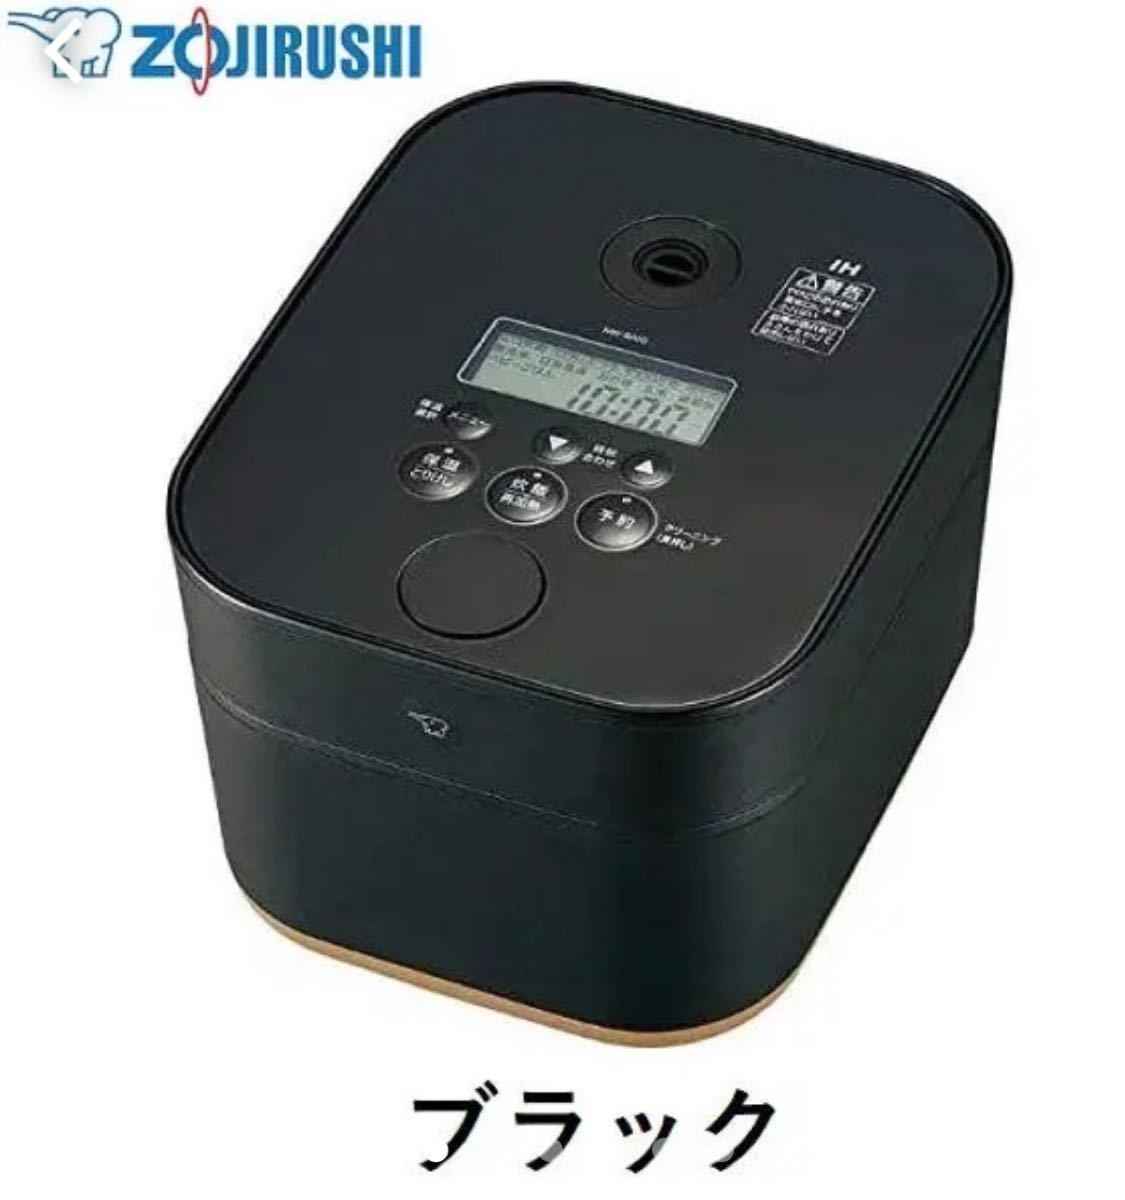 ★ ZOJIRUSHI 象印 炊飯器 NW-SA10 STAN. IH炊飯ジャー